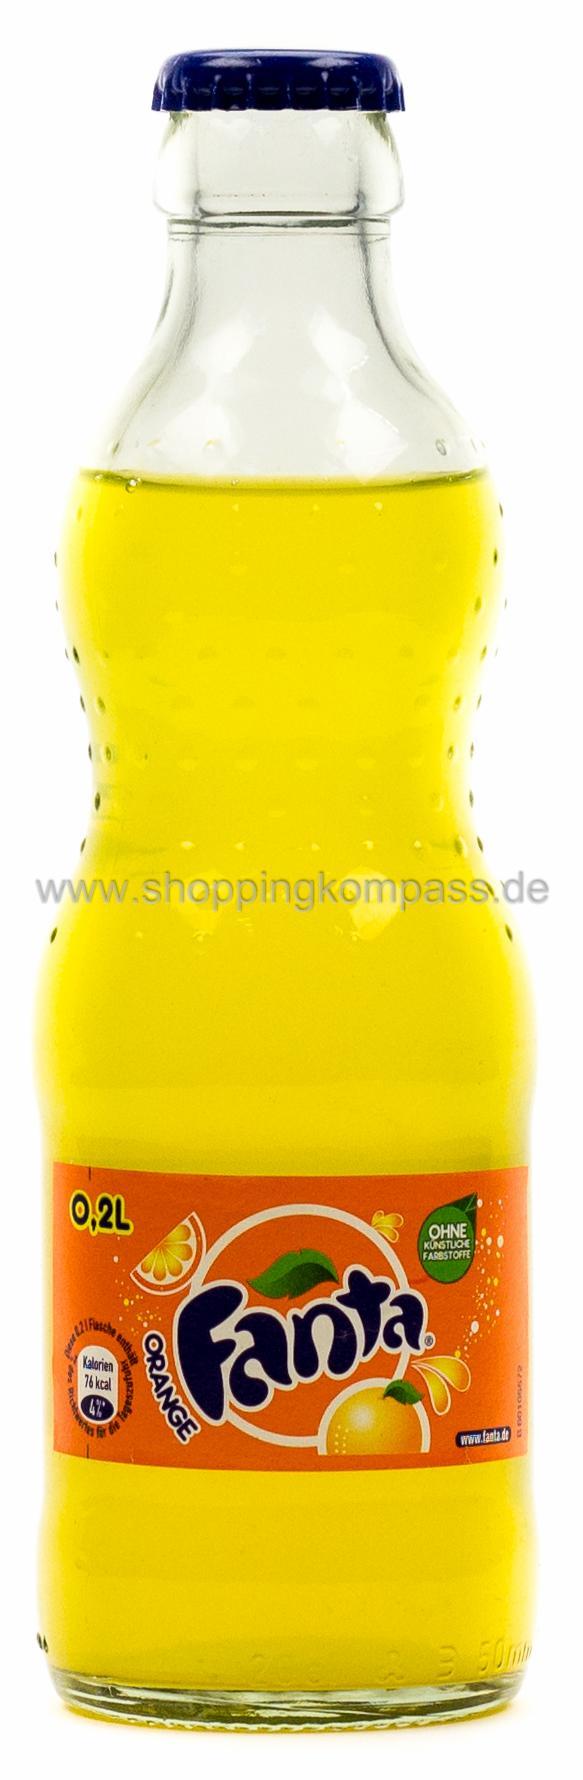 limonade fanta orange 0 2 l glas mw ihr zuverl ssiger. Black Bedroom Furniture Sets. Home Design Ideas